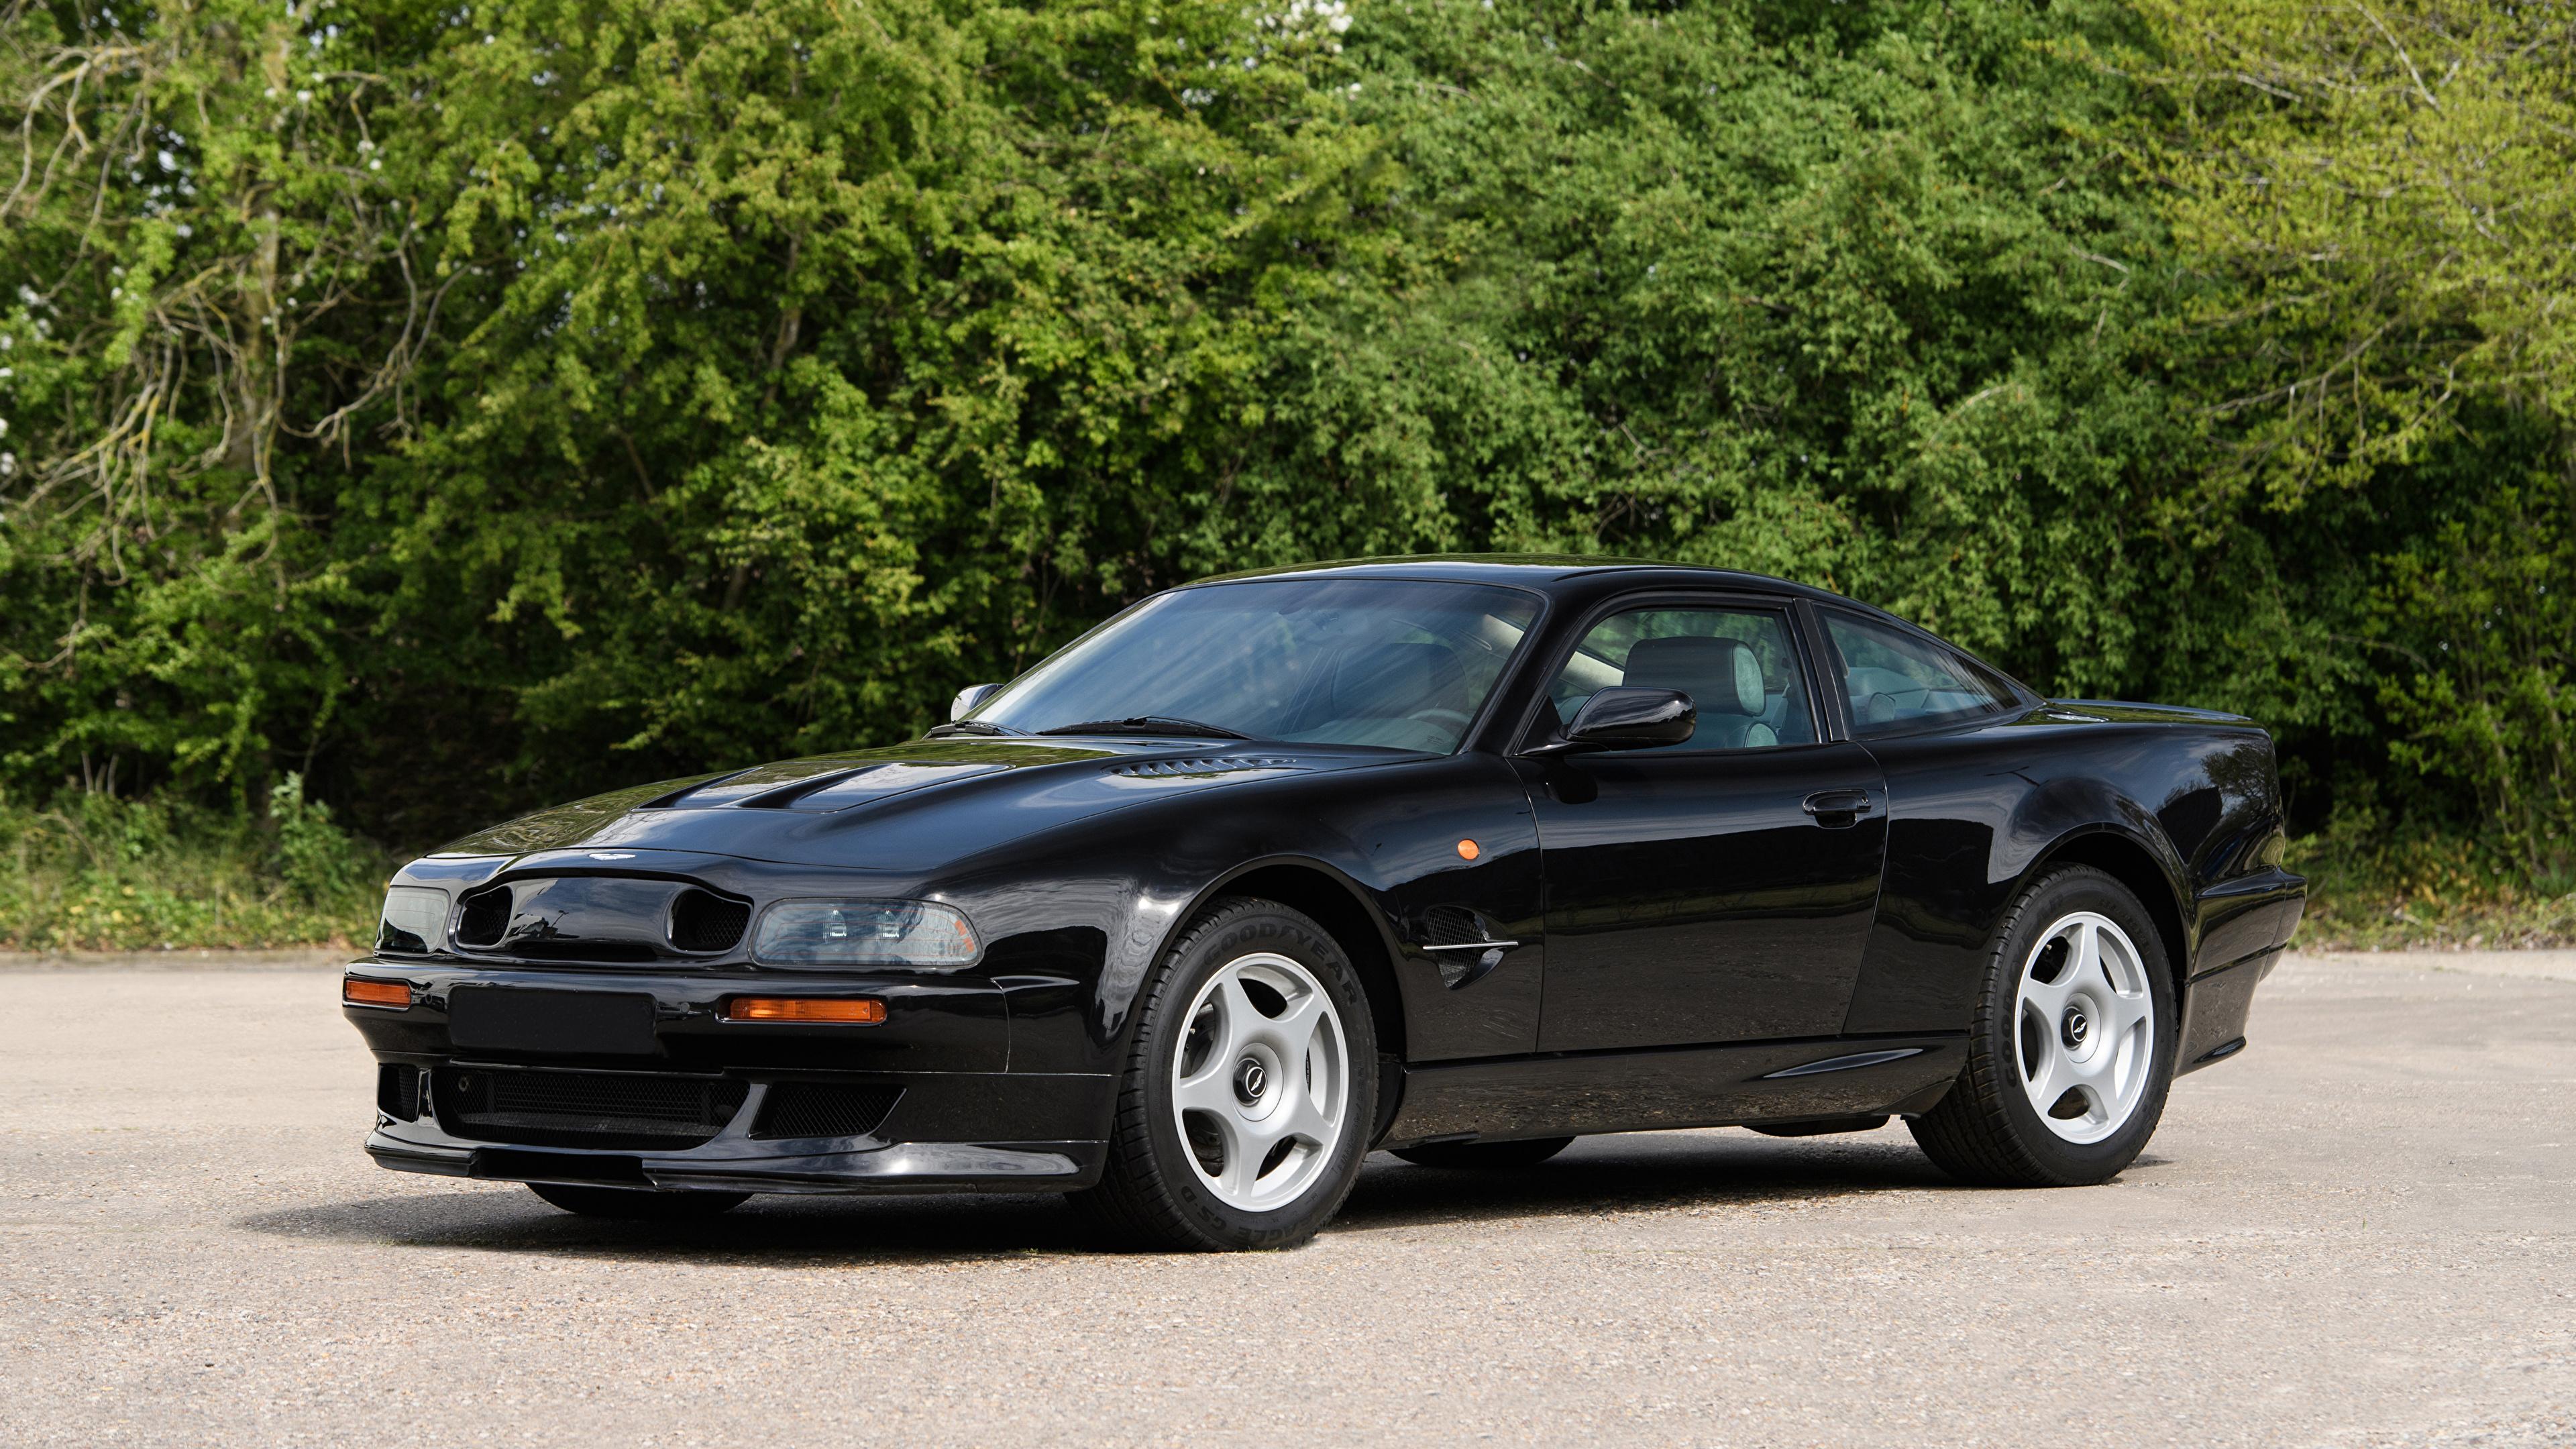 Papeis De Parede 3840x2160 Aston Martin 1999 2000 V8 Vantage Le Mans V600 Lhd Preto Metalico Carros Baixar Imagens